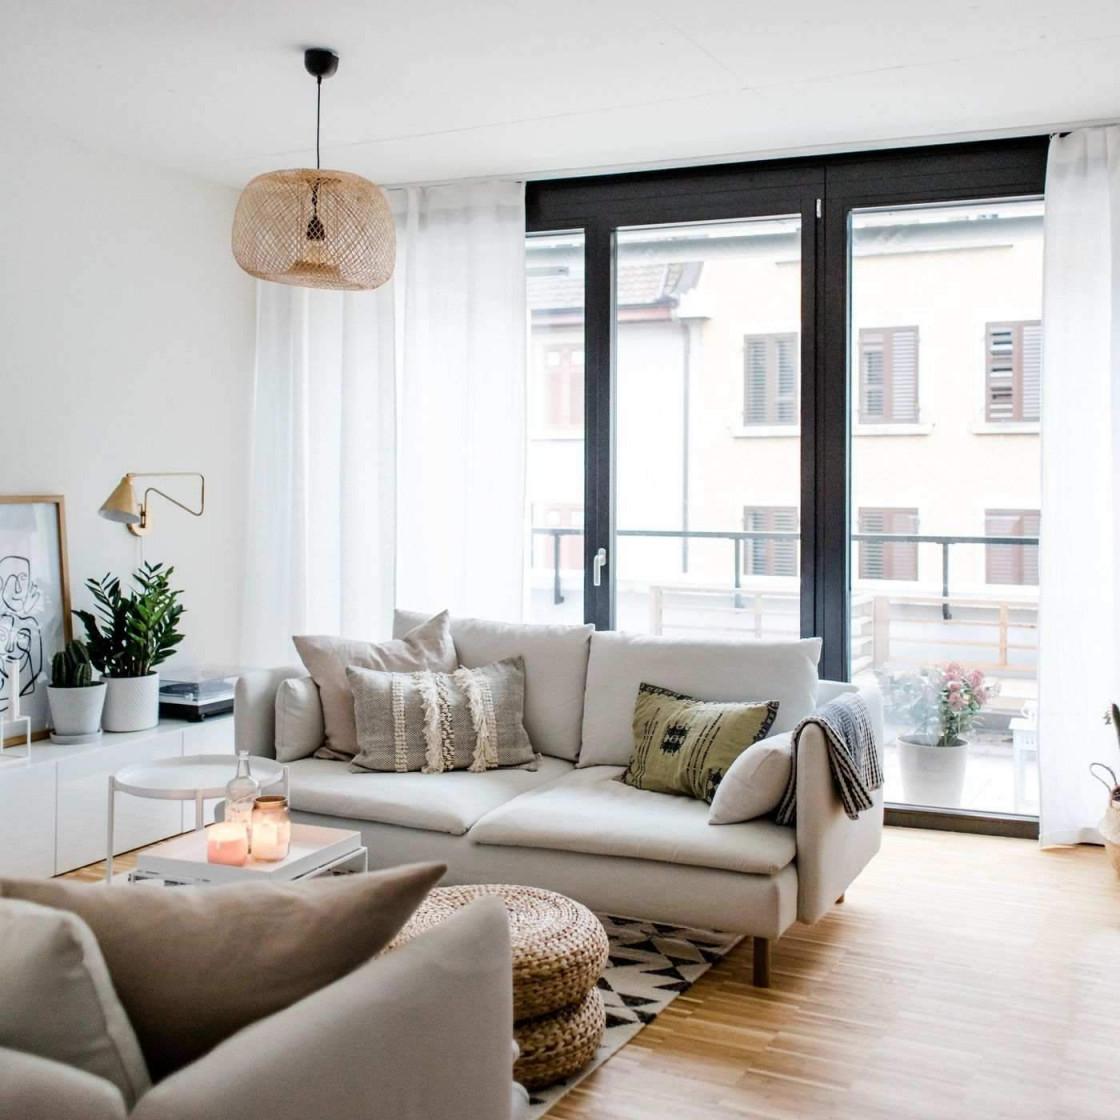 Wohnzimmer Modern Einrichten Ideen – Caseconrad von Wohnzimmer Gestalten Modern Bild